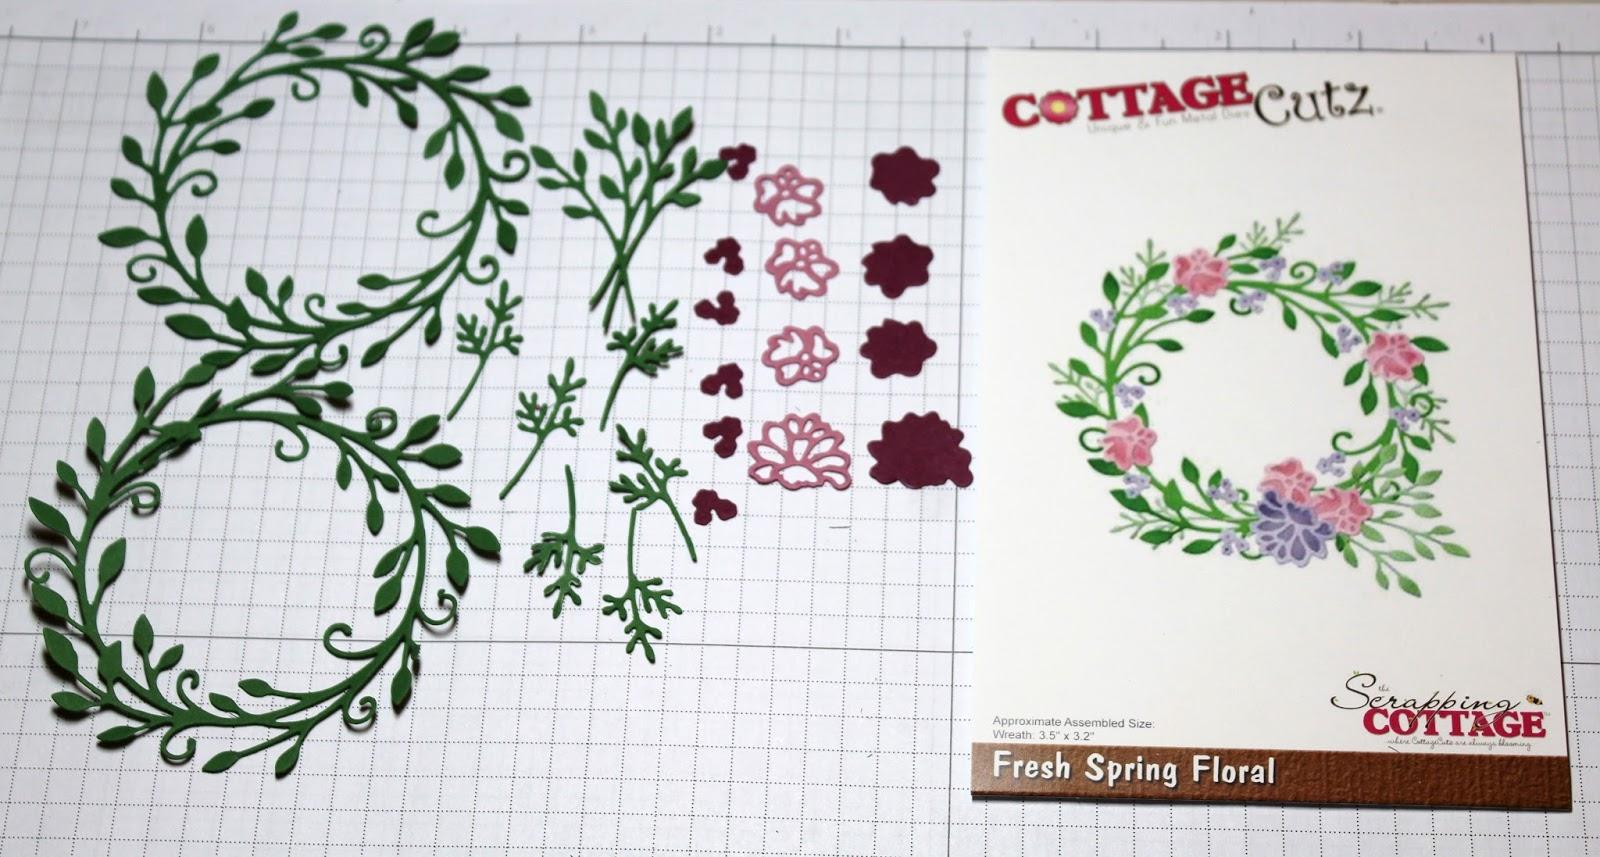 Cottageblog Fresh Spring Floral Wreath New Die